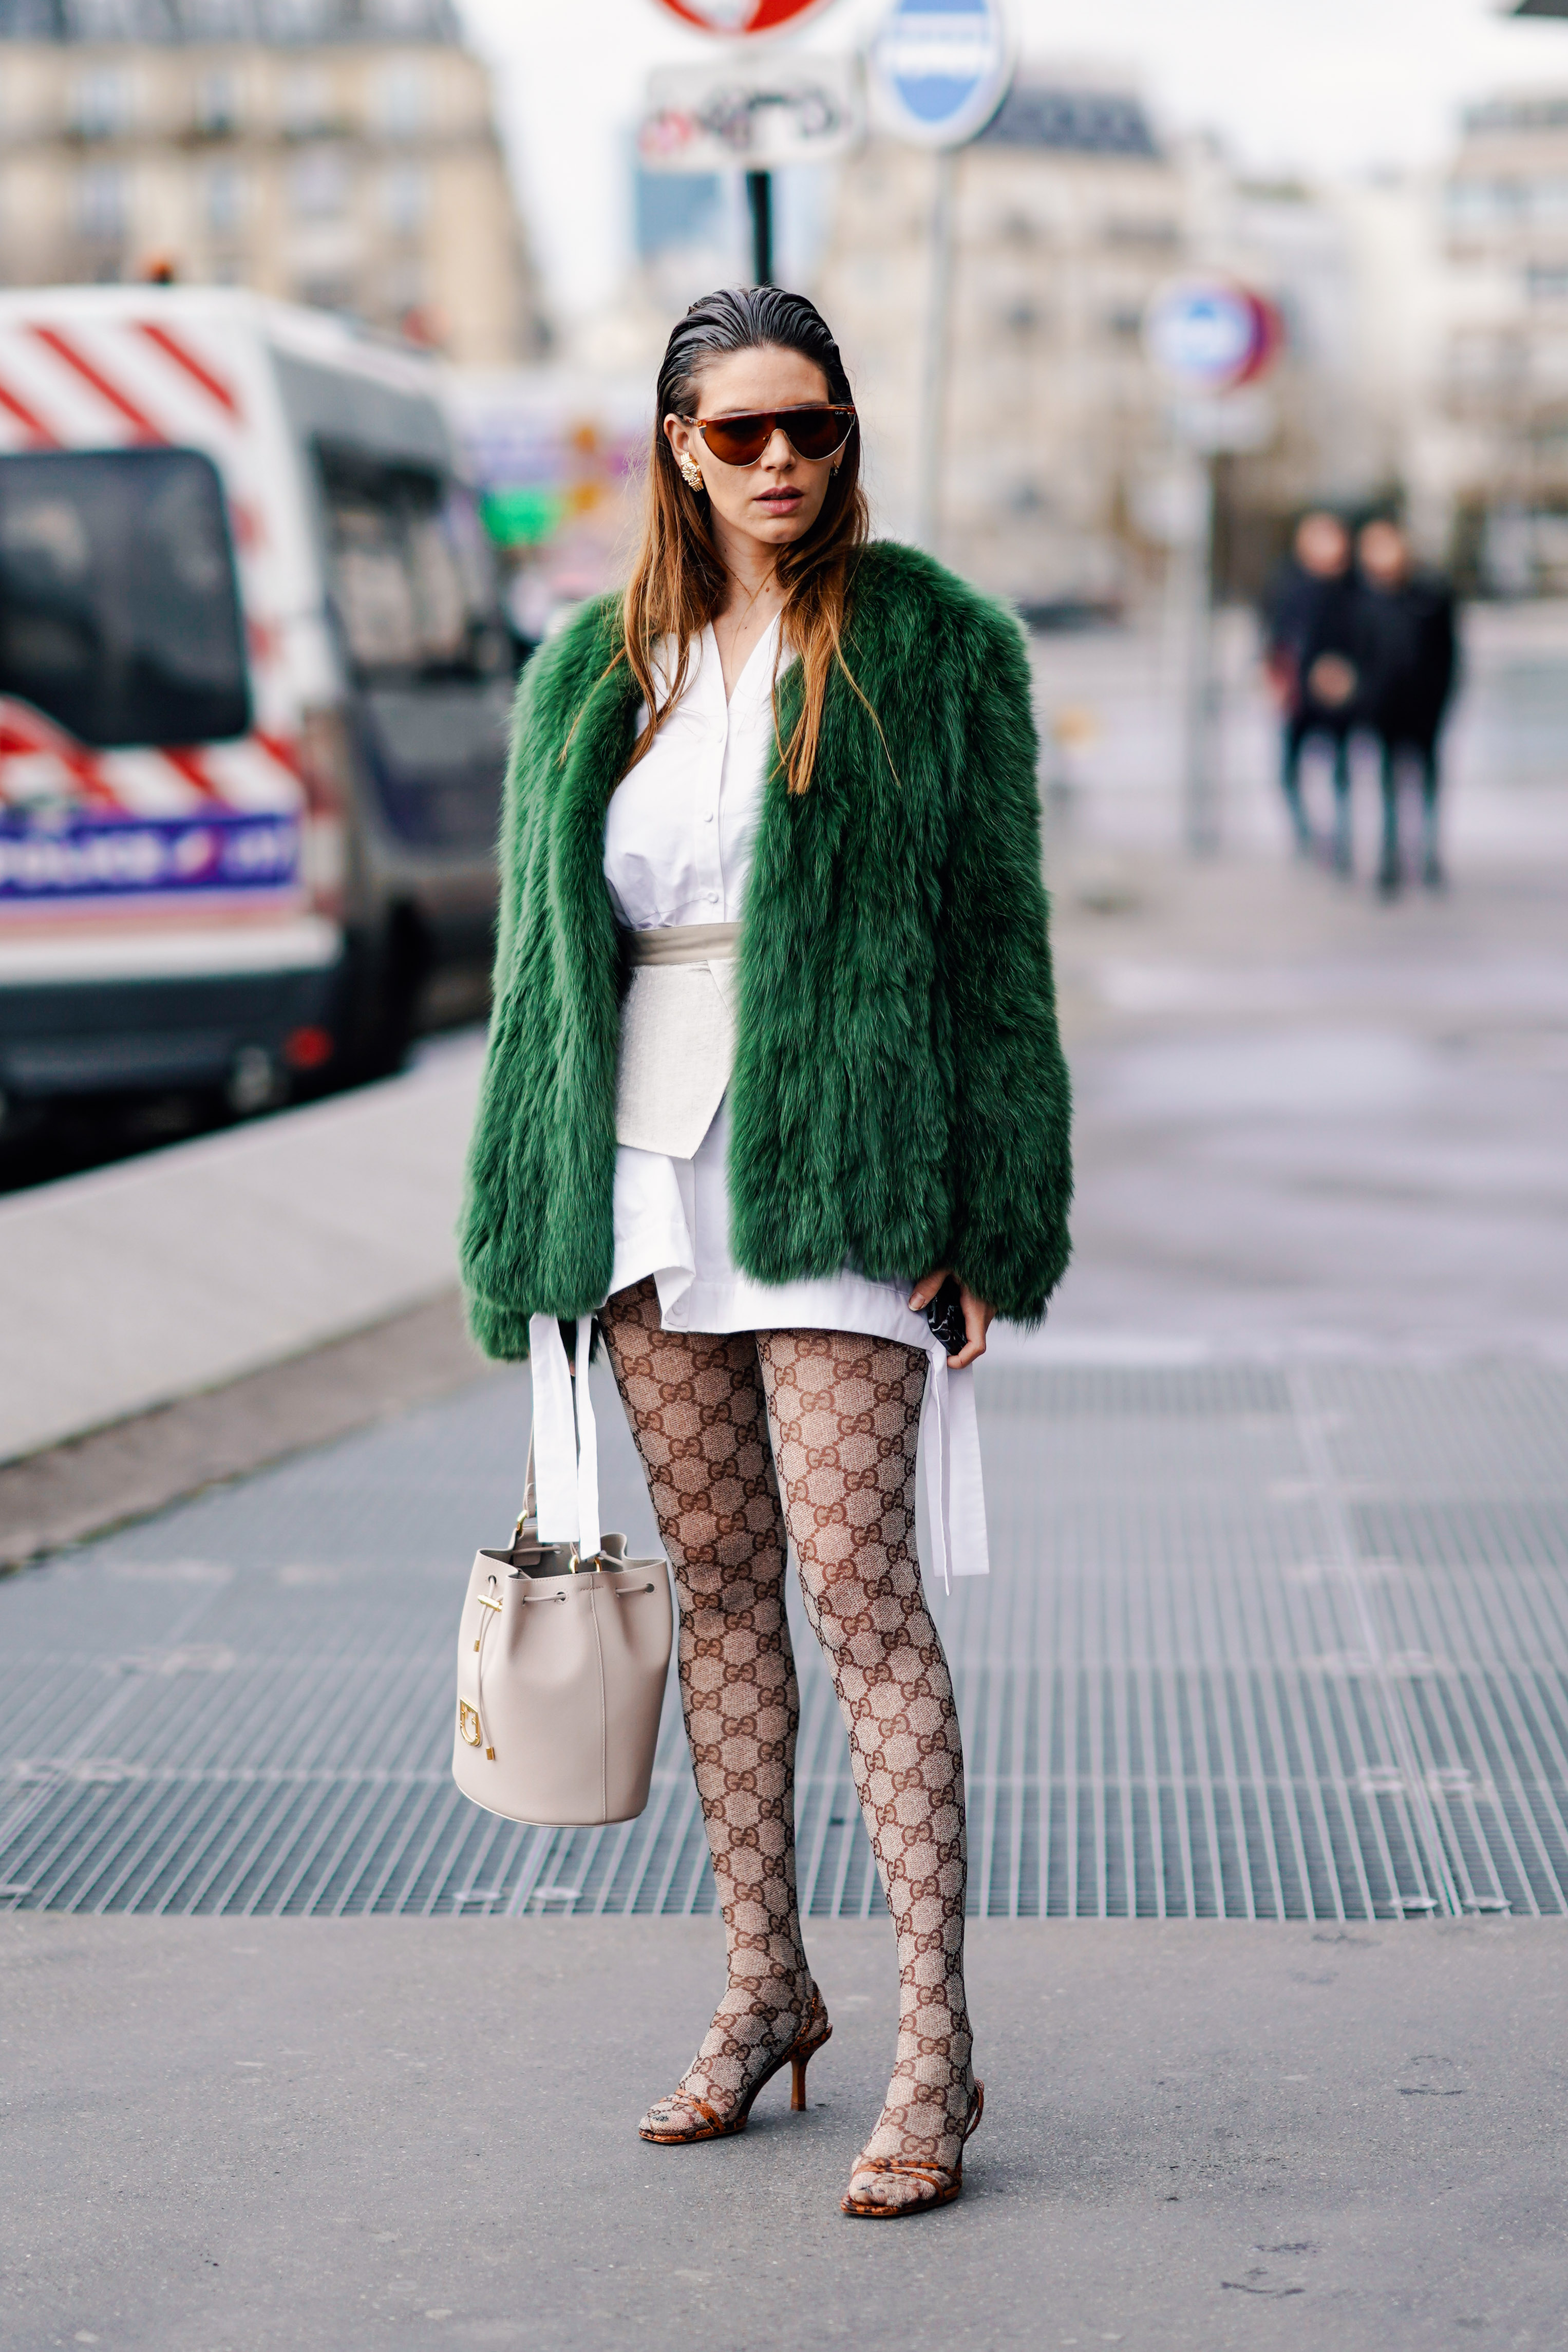 毛足の長いファーコートはフェミニン度あり。その雰囲気を楽しみたい。総柄のタイツが引き立つシンプルなコンサバティブなスタイリングだからこそ、1点豪華なアイテムを投入して全体的に引き締めて。